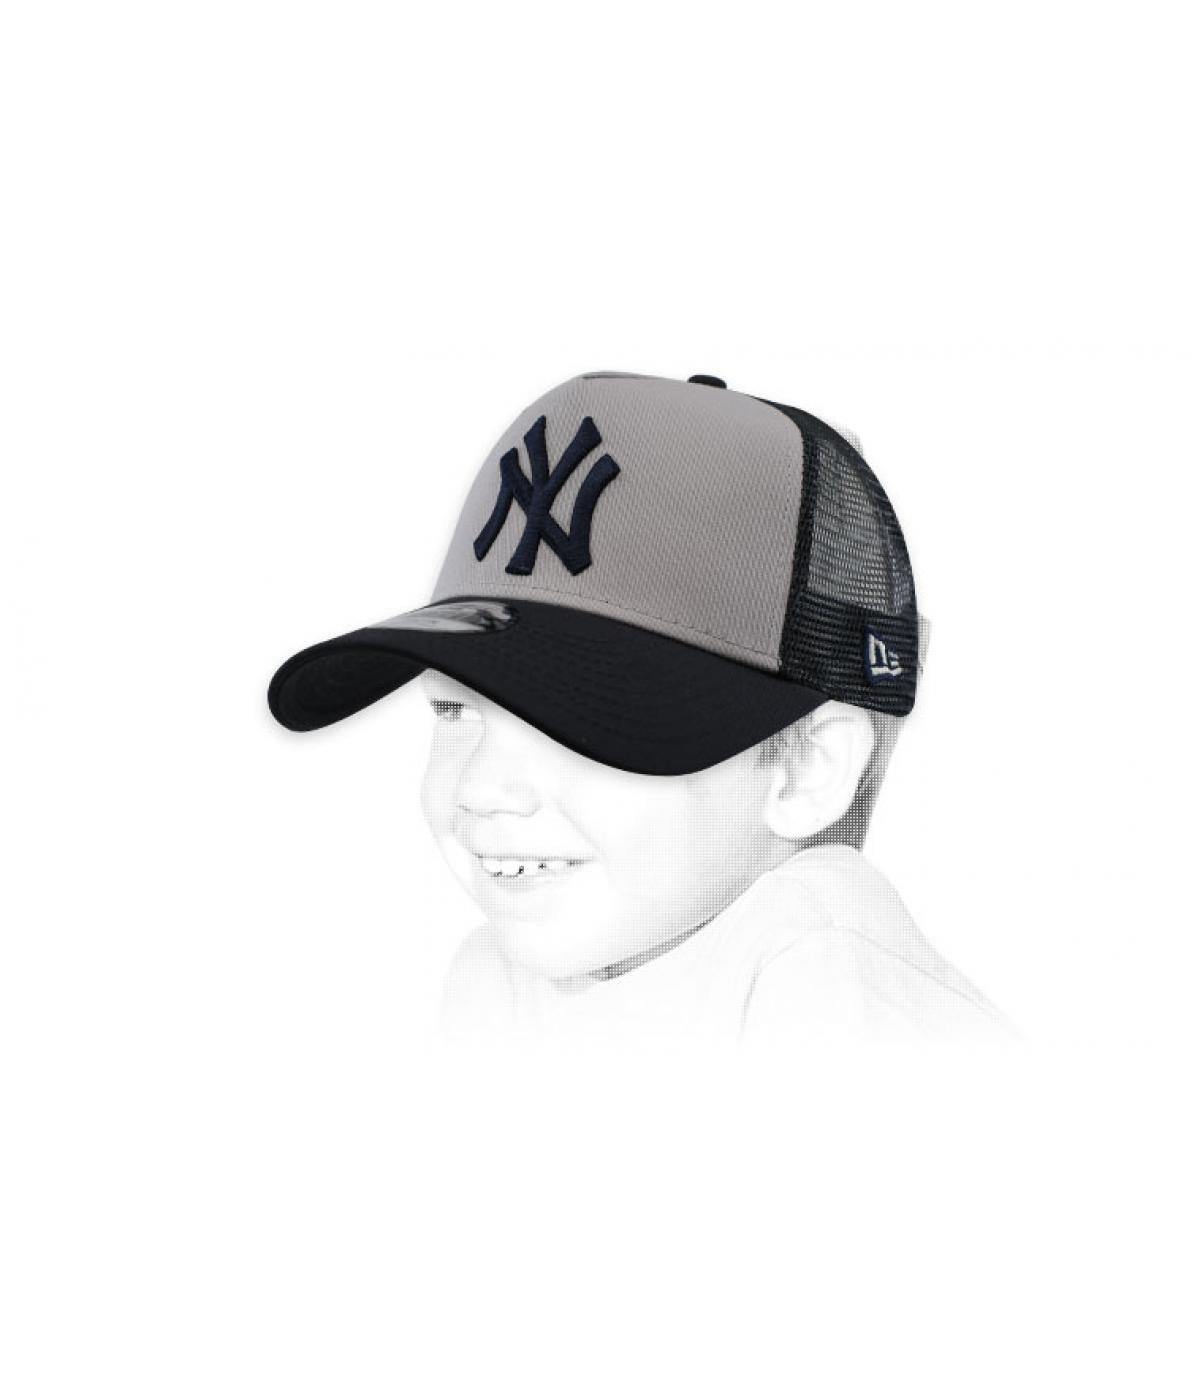 NY grigio bambino trucker bianco